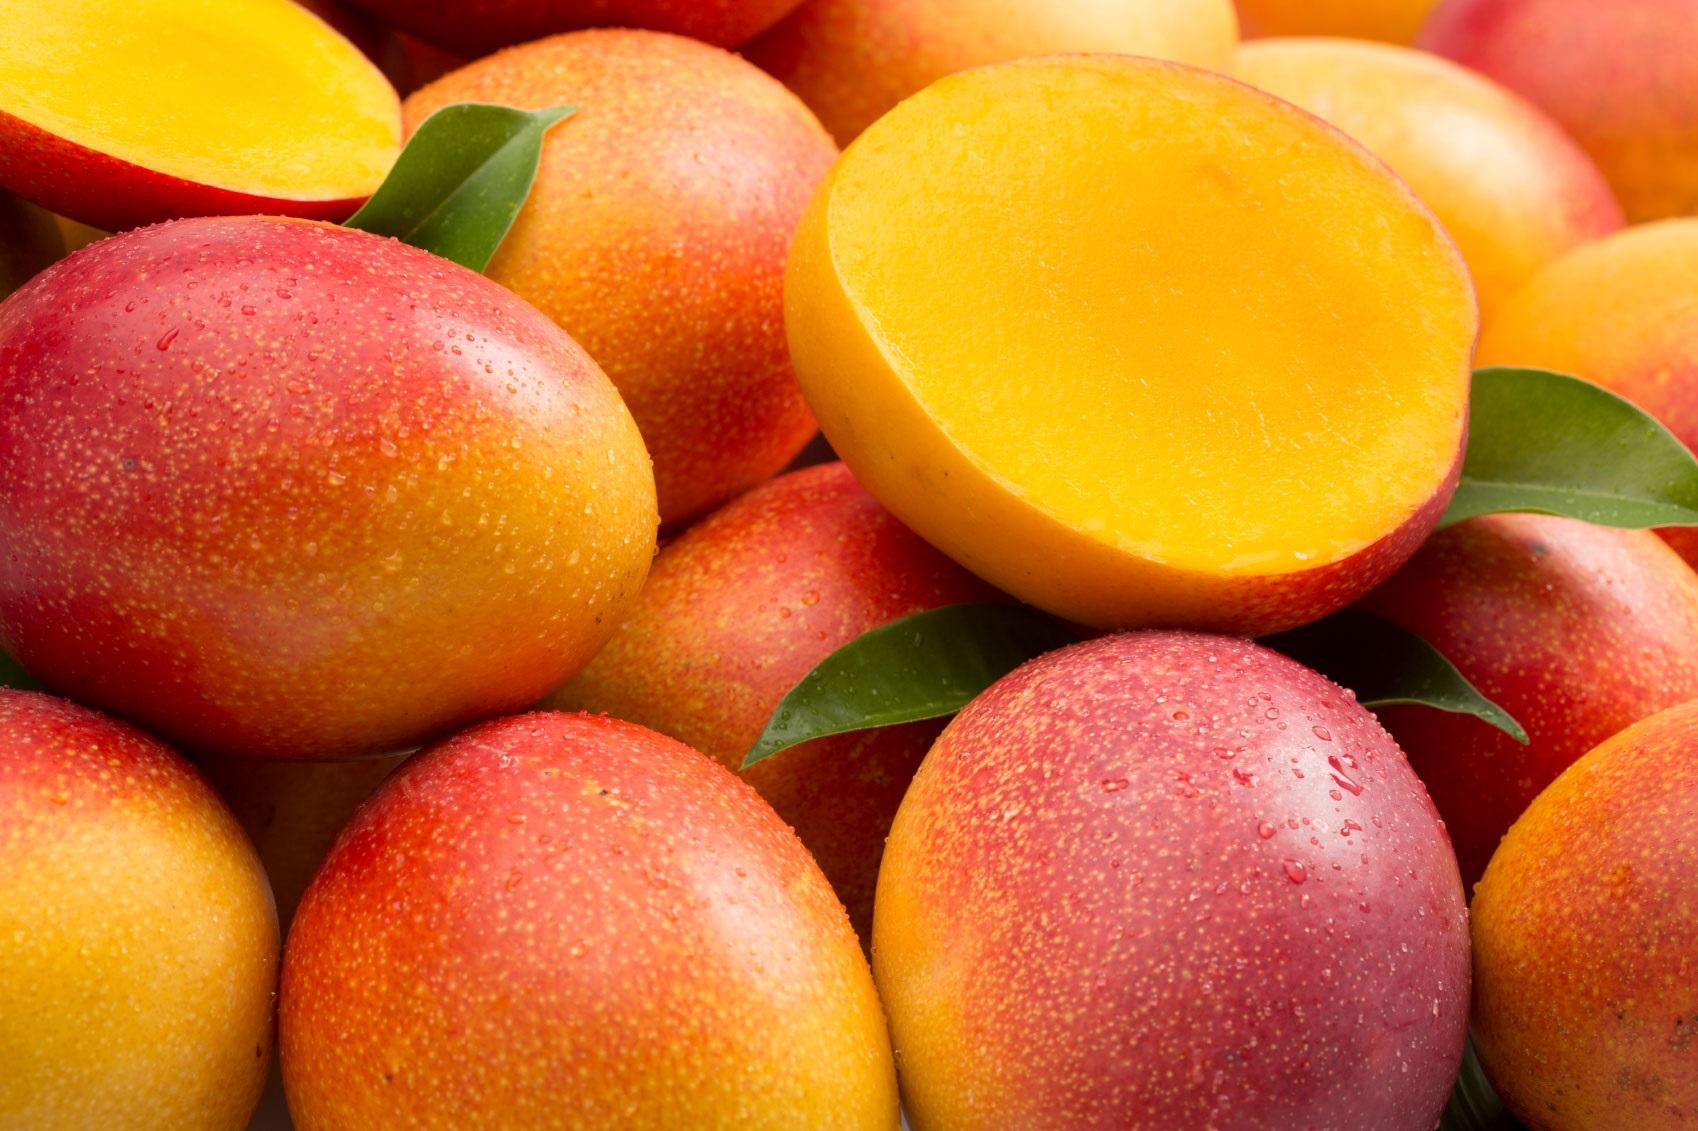 El II Congreso Internacional del Mango promoverá encuentros comerciales